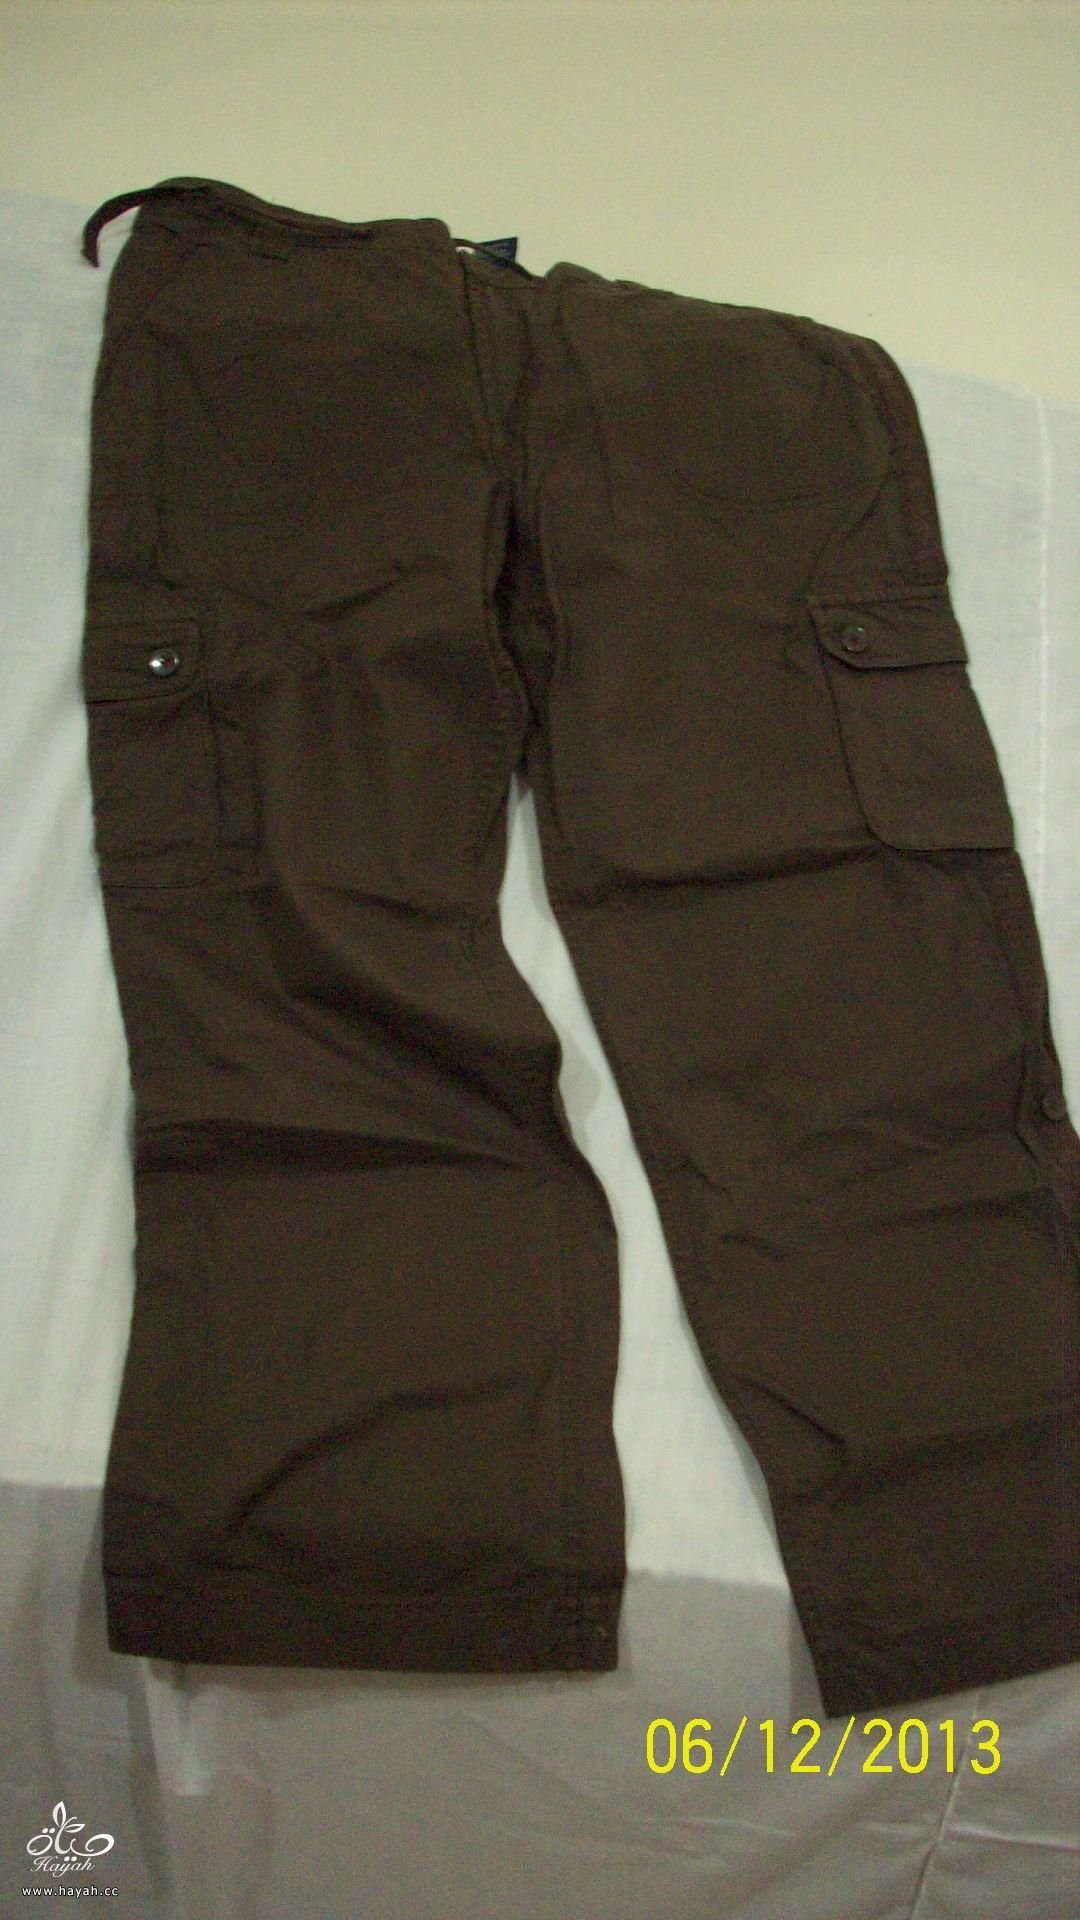 ملابسي - ملابس جديدة للبيع hayahcc_1389921713_801.jpg